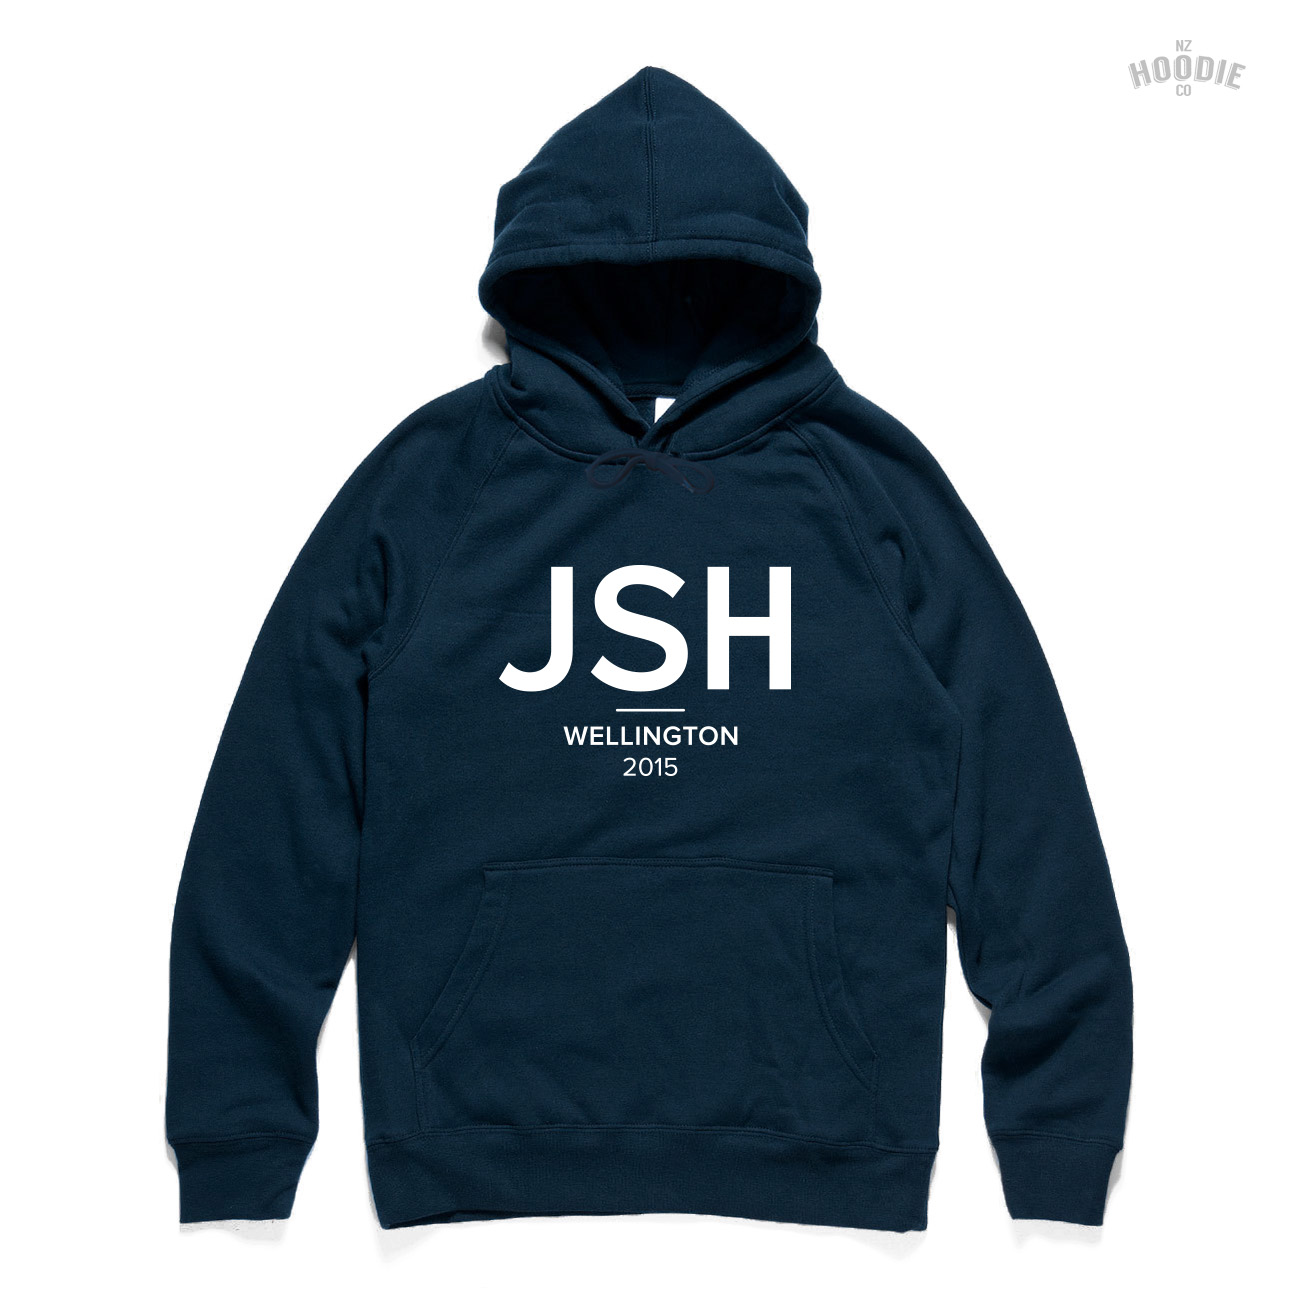 JSH-2015-hoodie-navy-front.jpg